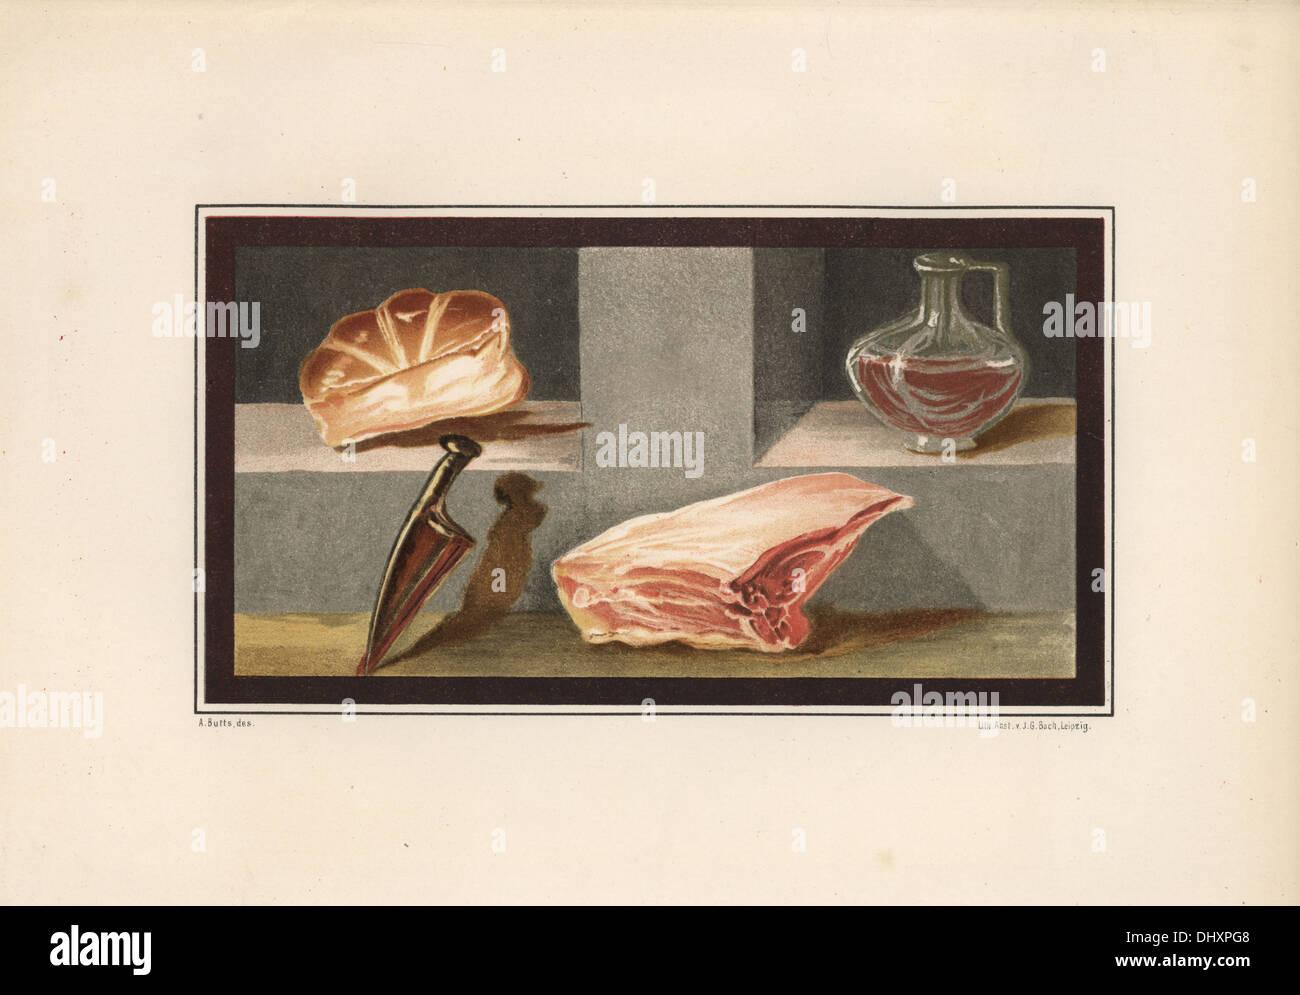 Peinture d'une vie encore montrant de la viande, du vin, du pain et un couteau à partir de la chambre 16, à l'ala Regio IX, Insula V. Photo Stock